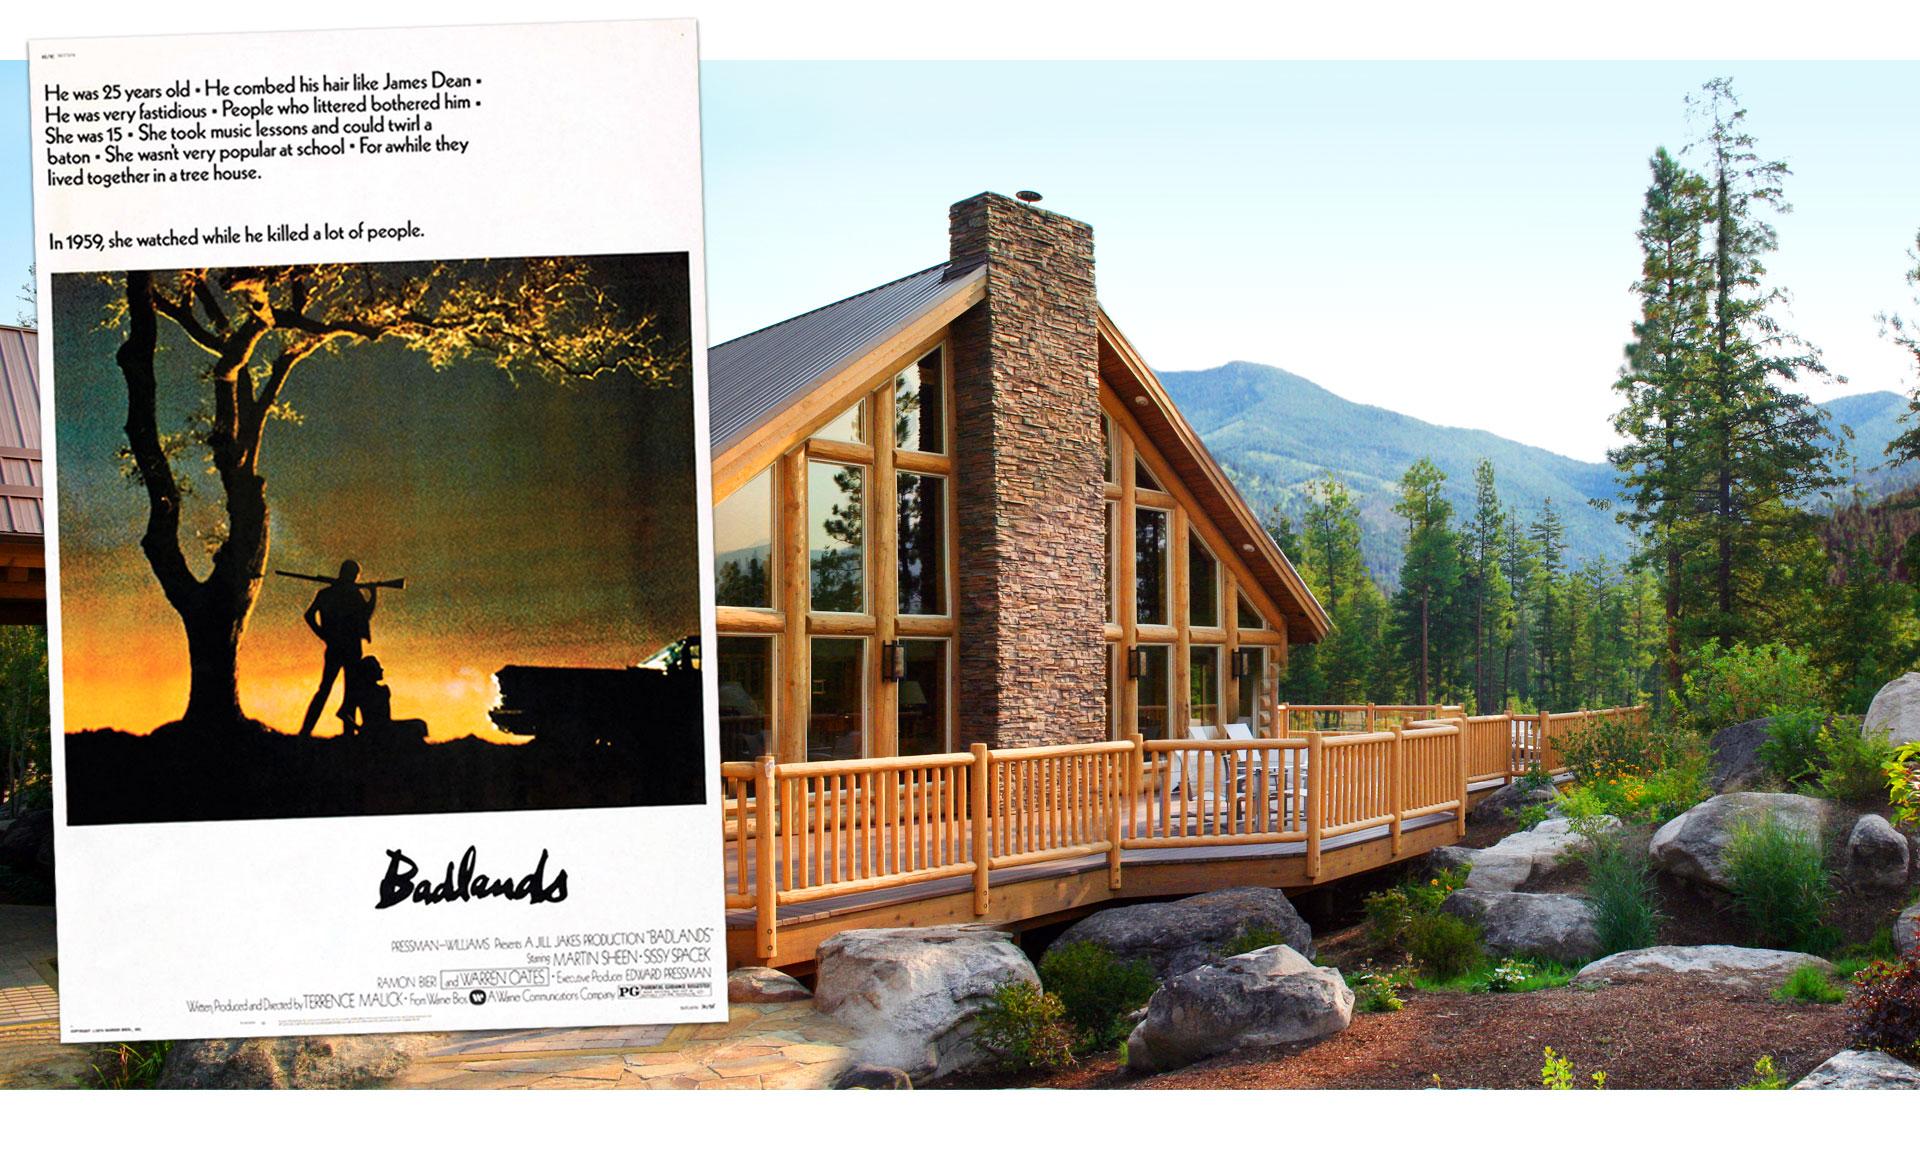 Triple Creek Ranch - rustic luxury hotel in Montana